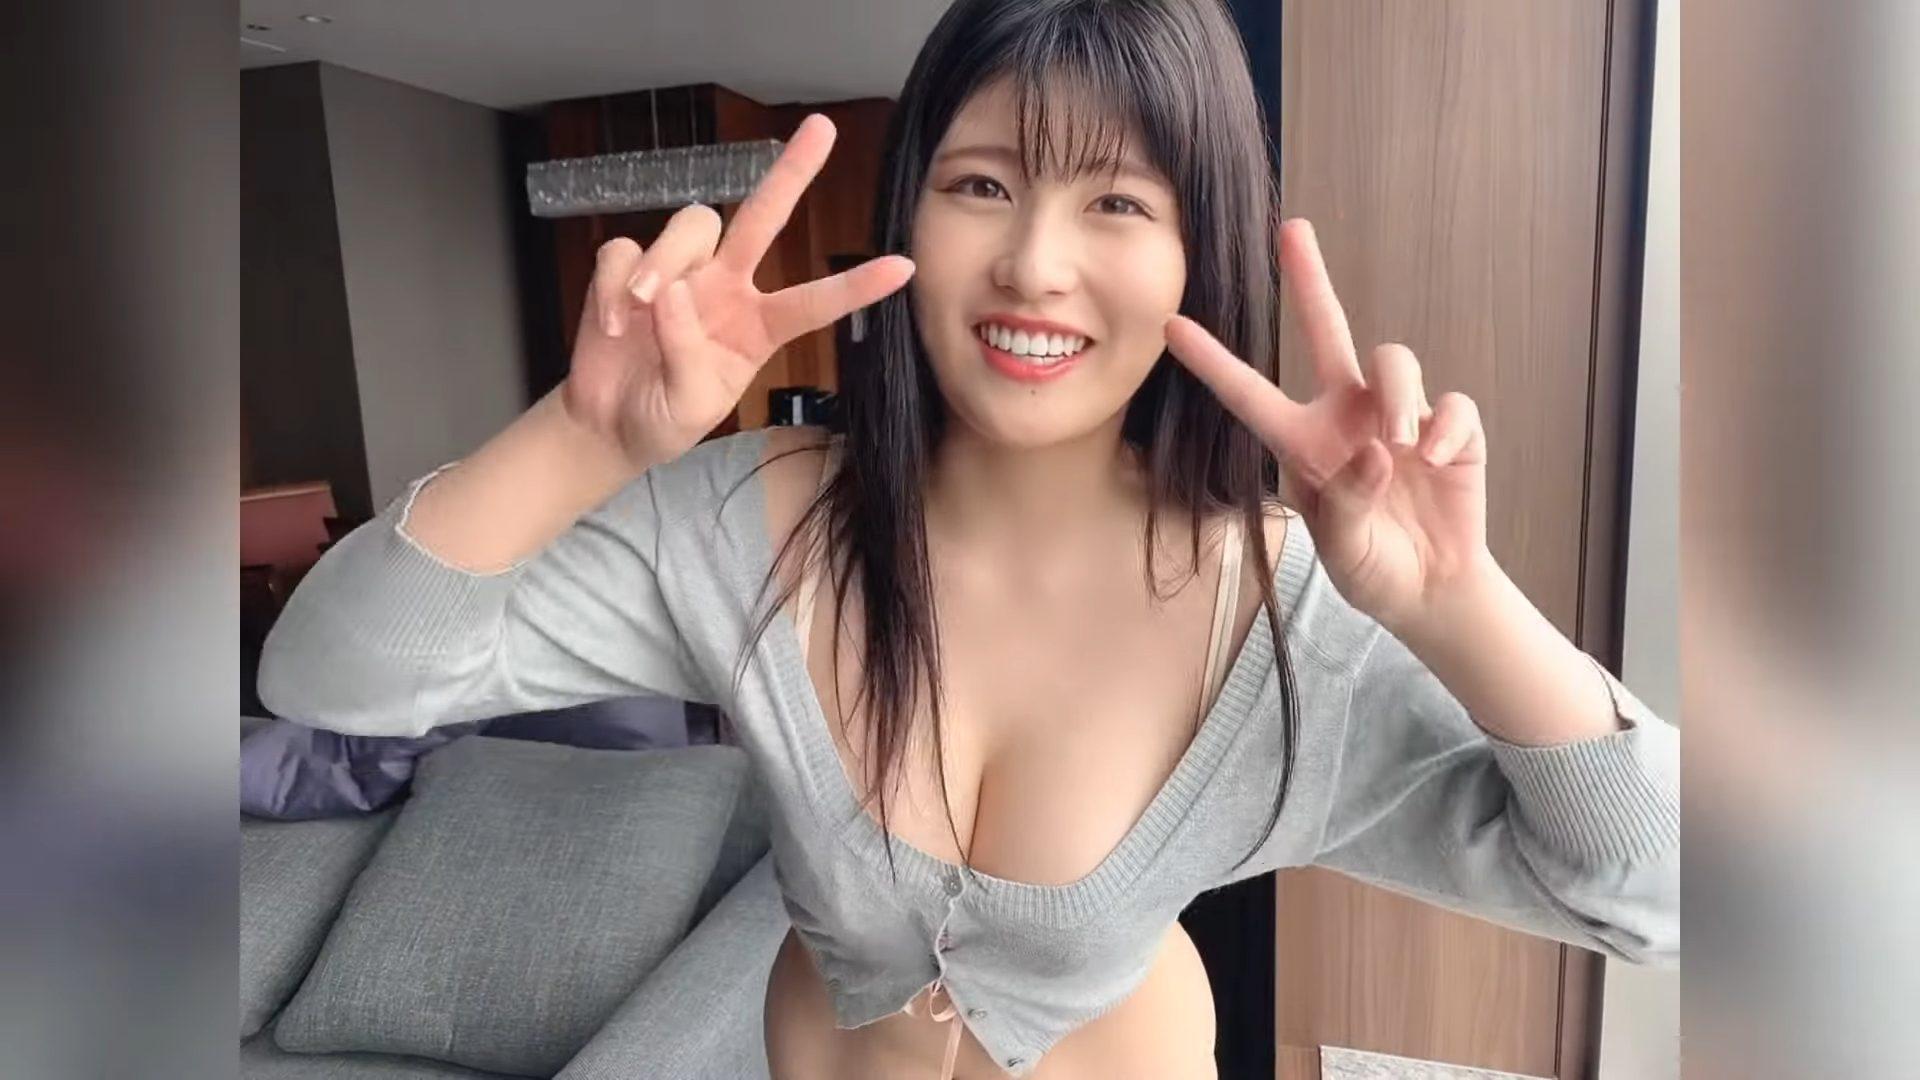 【ちとせよしの】Hカップ8 週刊ポスト!撮影現場動画!水着姿を披露!